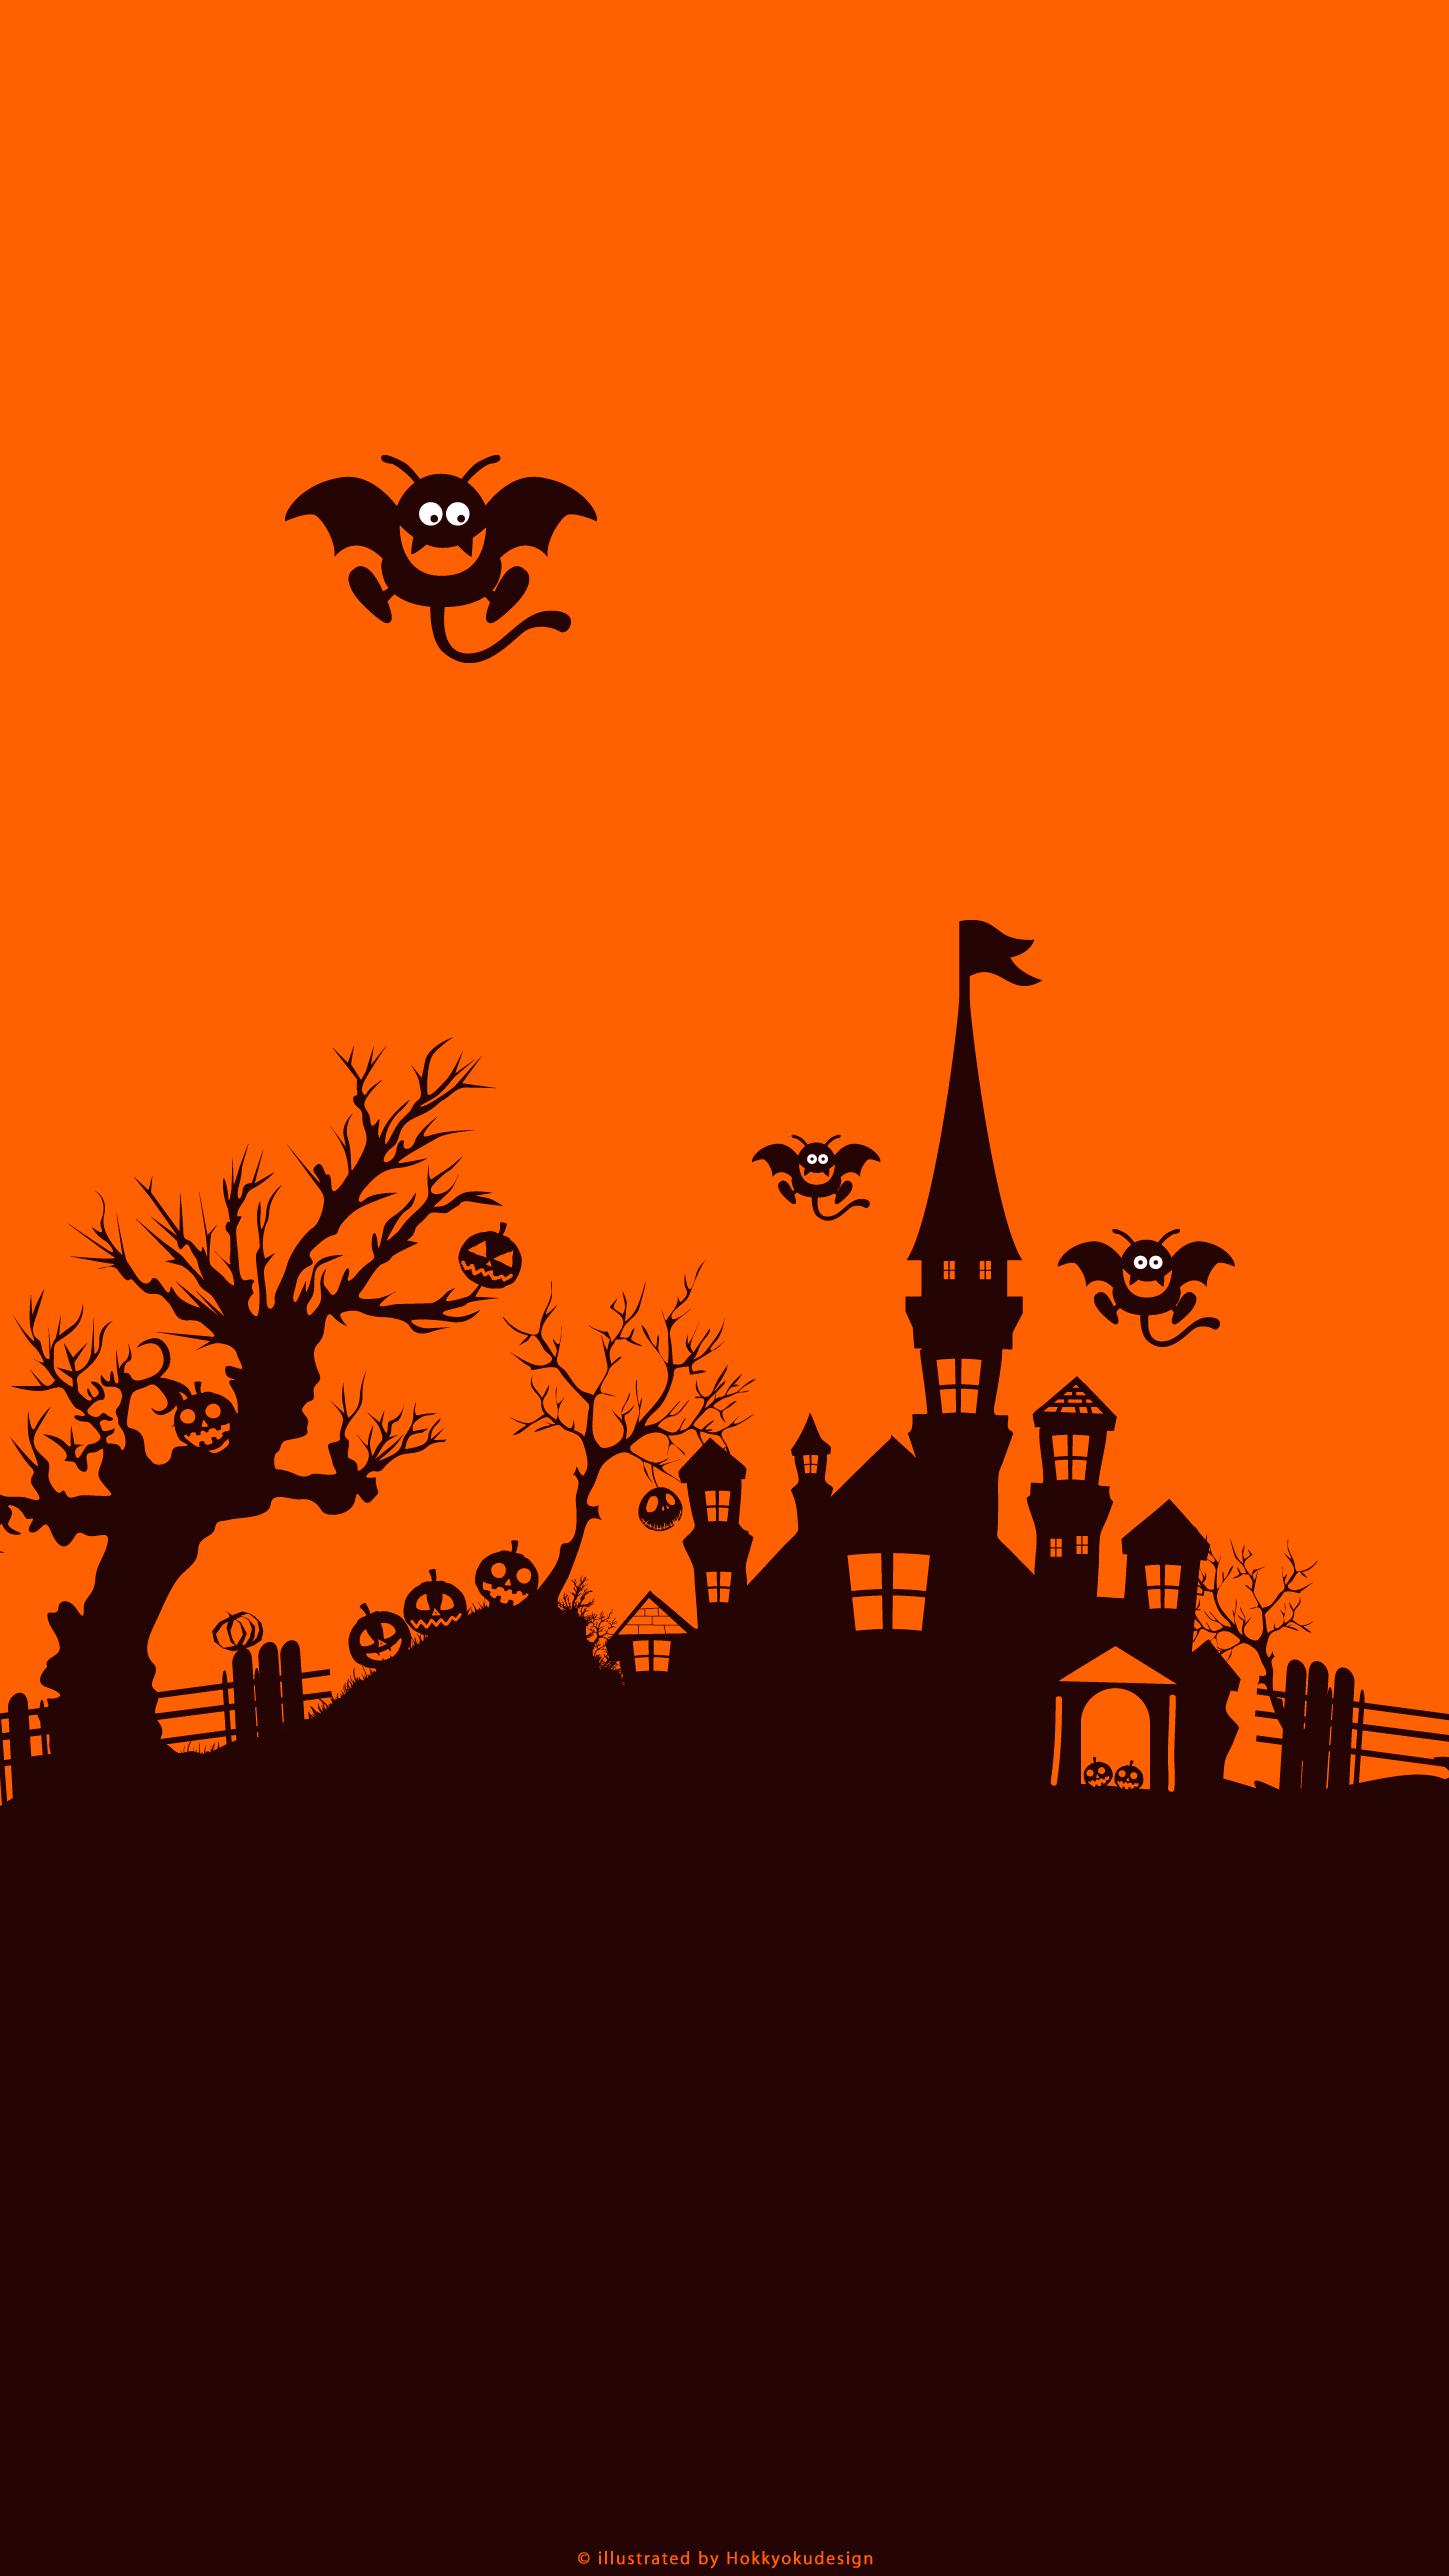 ハロウィンの壁紙 Iphone5 5s 5c Halloween Wallpaper Iphone5 5s 5c Android Pc 1449 2576